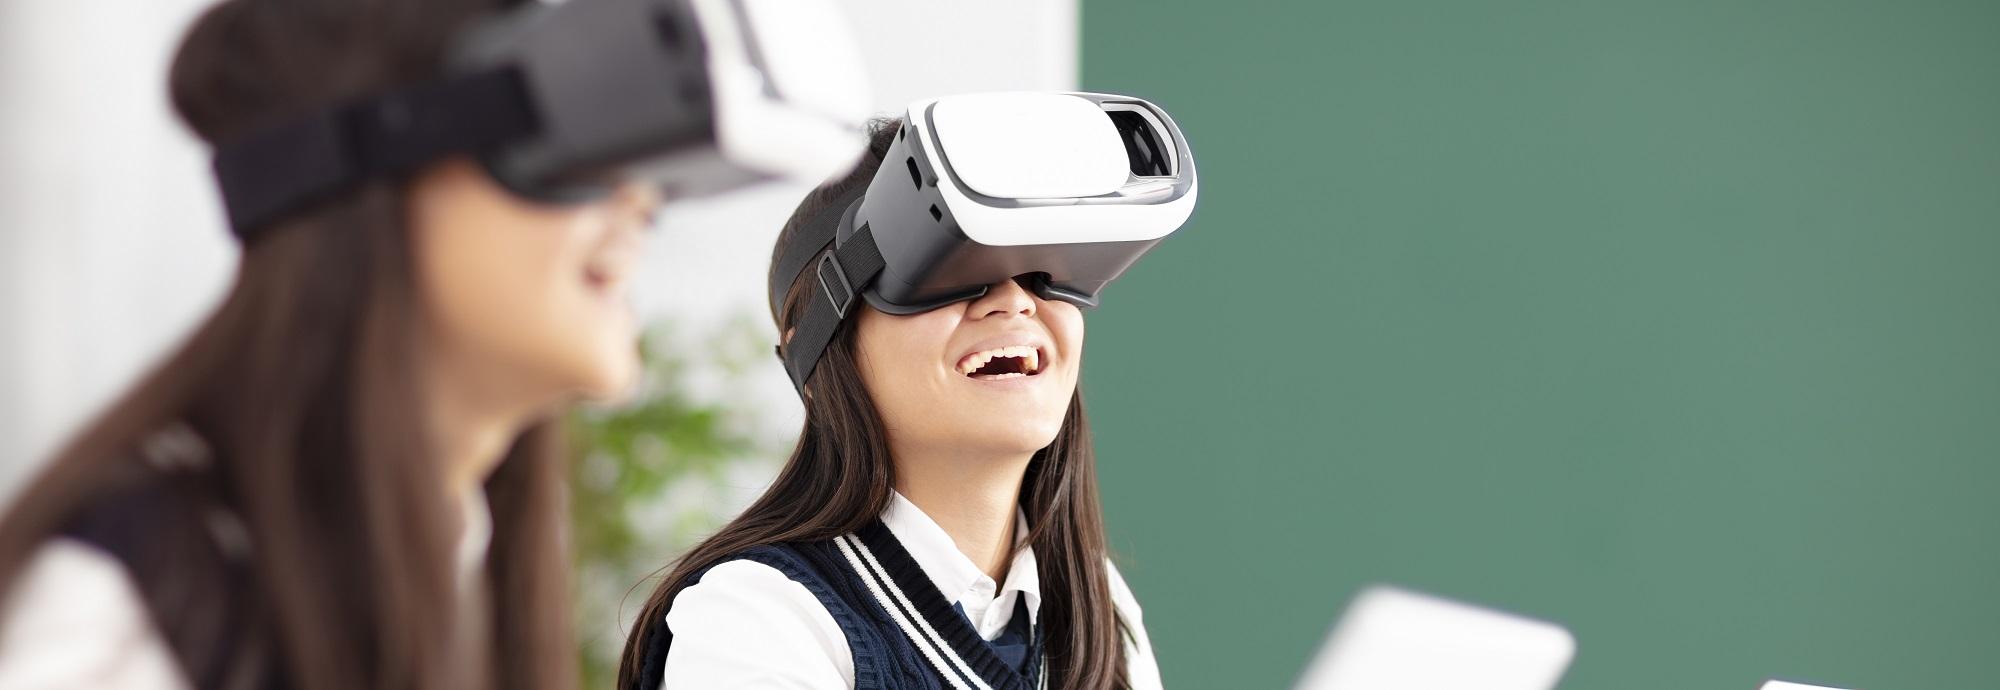 AR/VR技術を活用した体験型学習や遠隔授業の実現